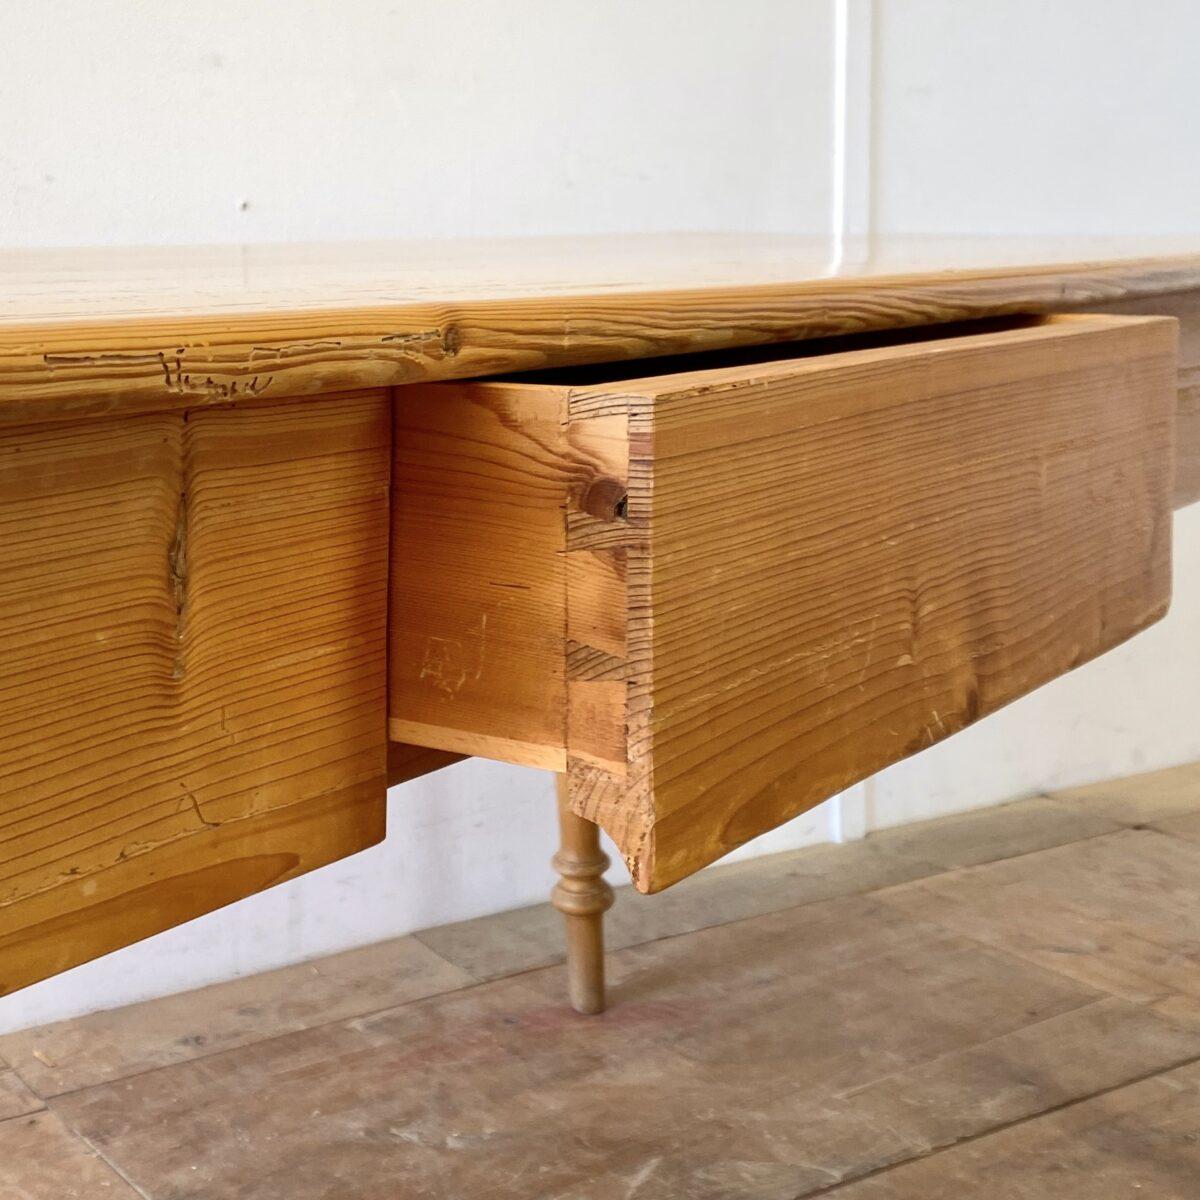 Deuxieme.shop klassischer Biedermeier Esstisch alter Holztisch. Klassische Tannenholz Biedermeiertisch mit gedrechselten Beinen. 220x76cm Höhe 76.5cm Beinfreiheit 60.5cm. Der Esstisch hat eine Besteck Schublade, ein Tischbein ist etwas verzogen, aber alles in stabilem Zustand. Die Holzoberflächen sind lackiert. Es finden bis zu 10 Personen daran Platz.